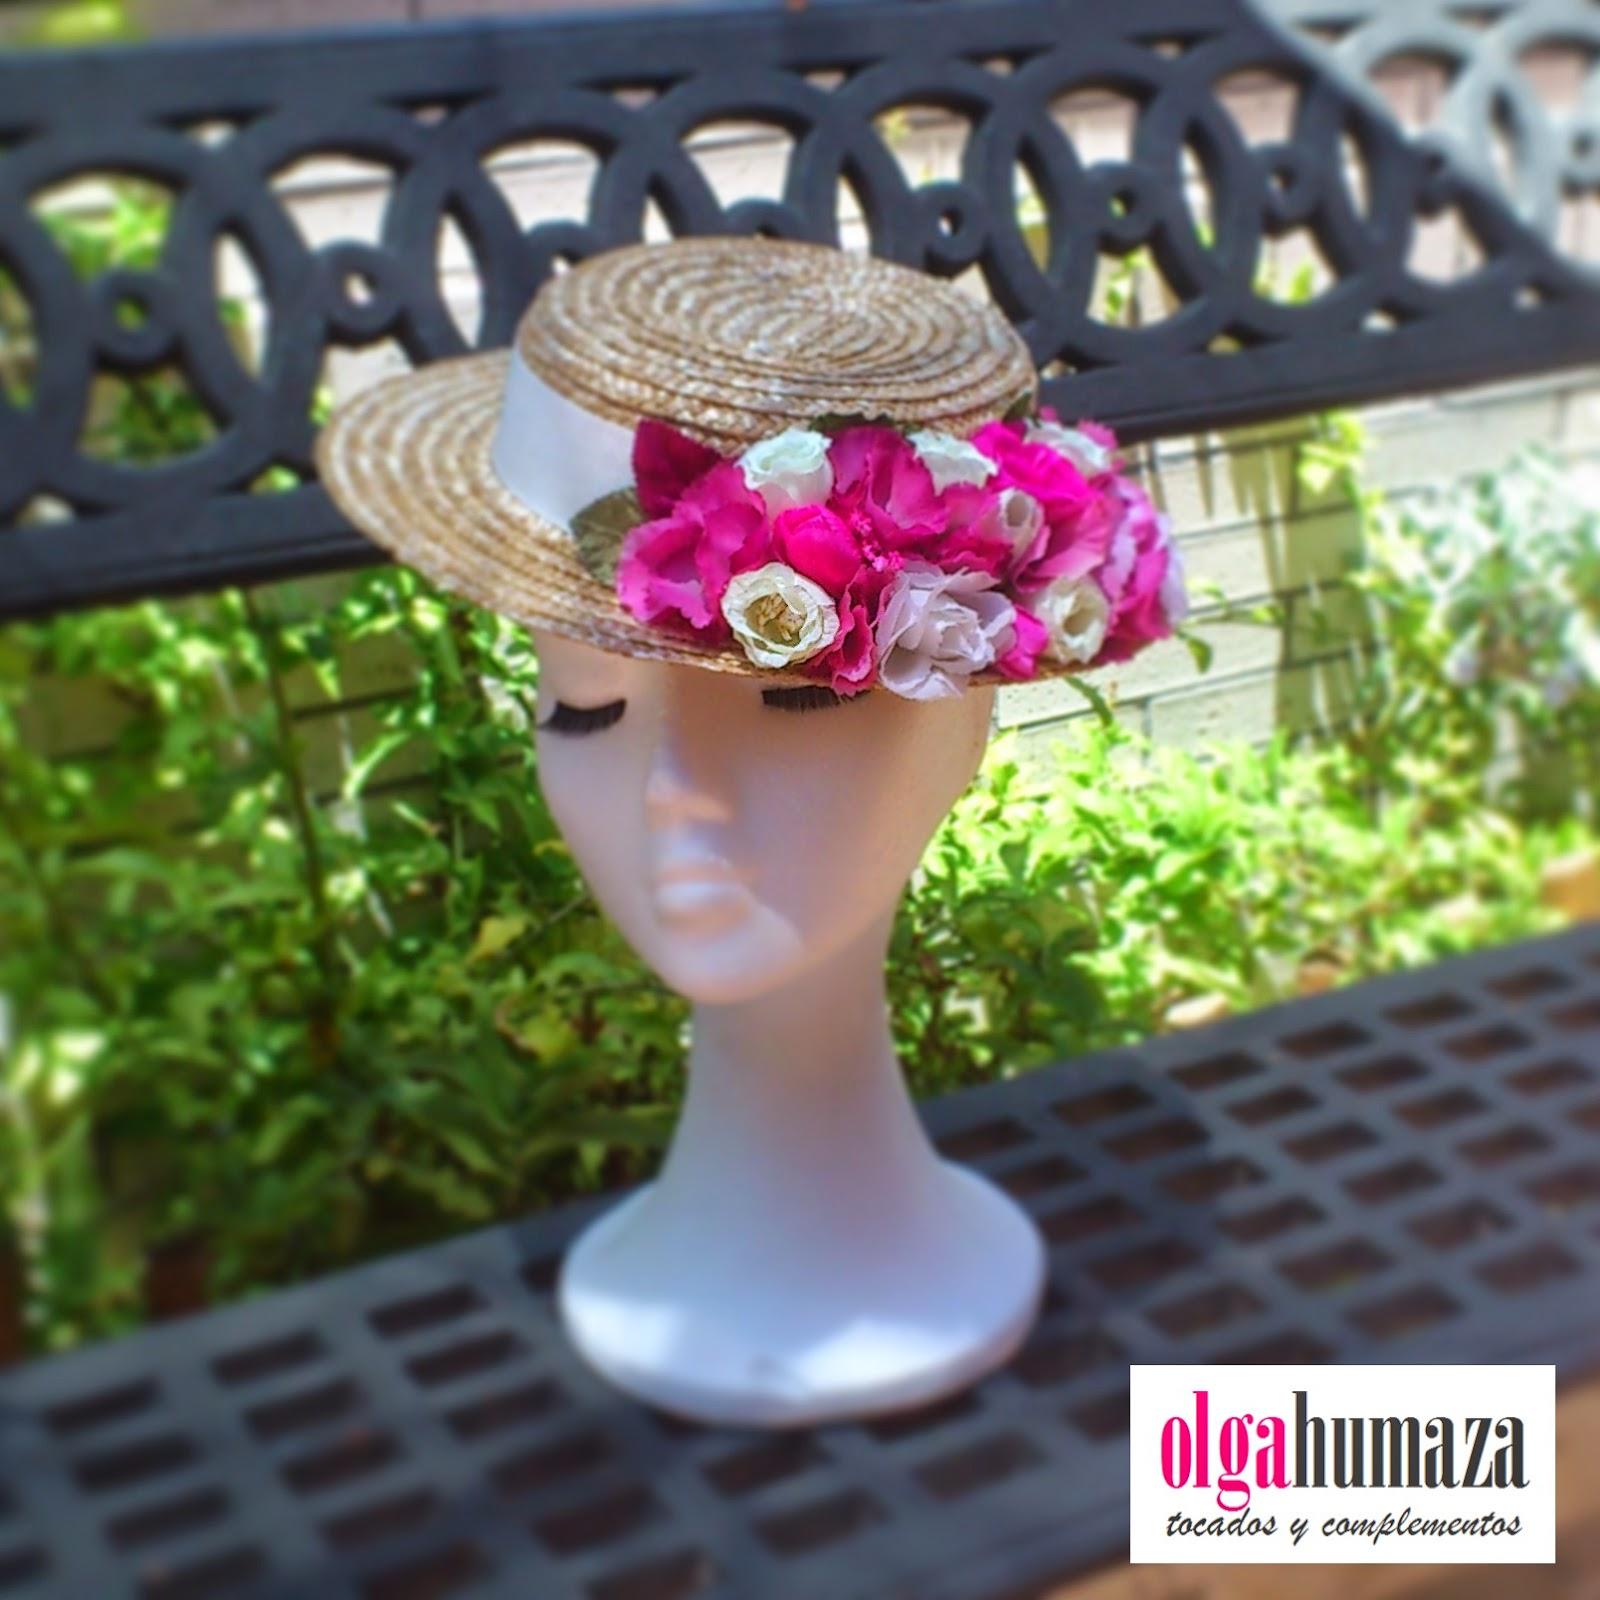 http://olgahumaza.blogspot.com.es/2014/07/b48-tocado-sombrero-mini-canotier-con.html